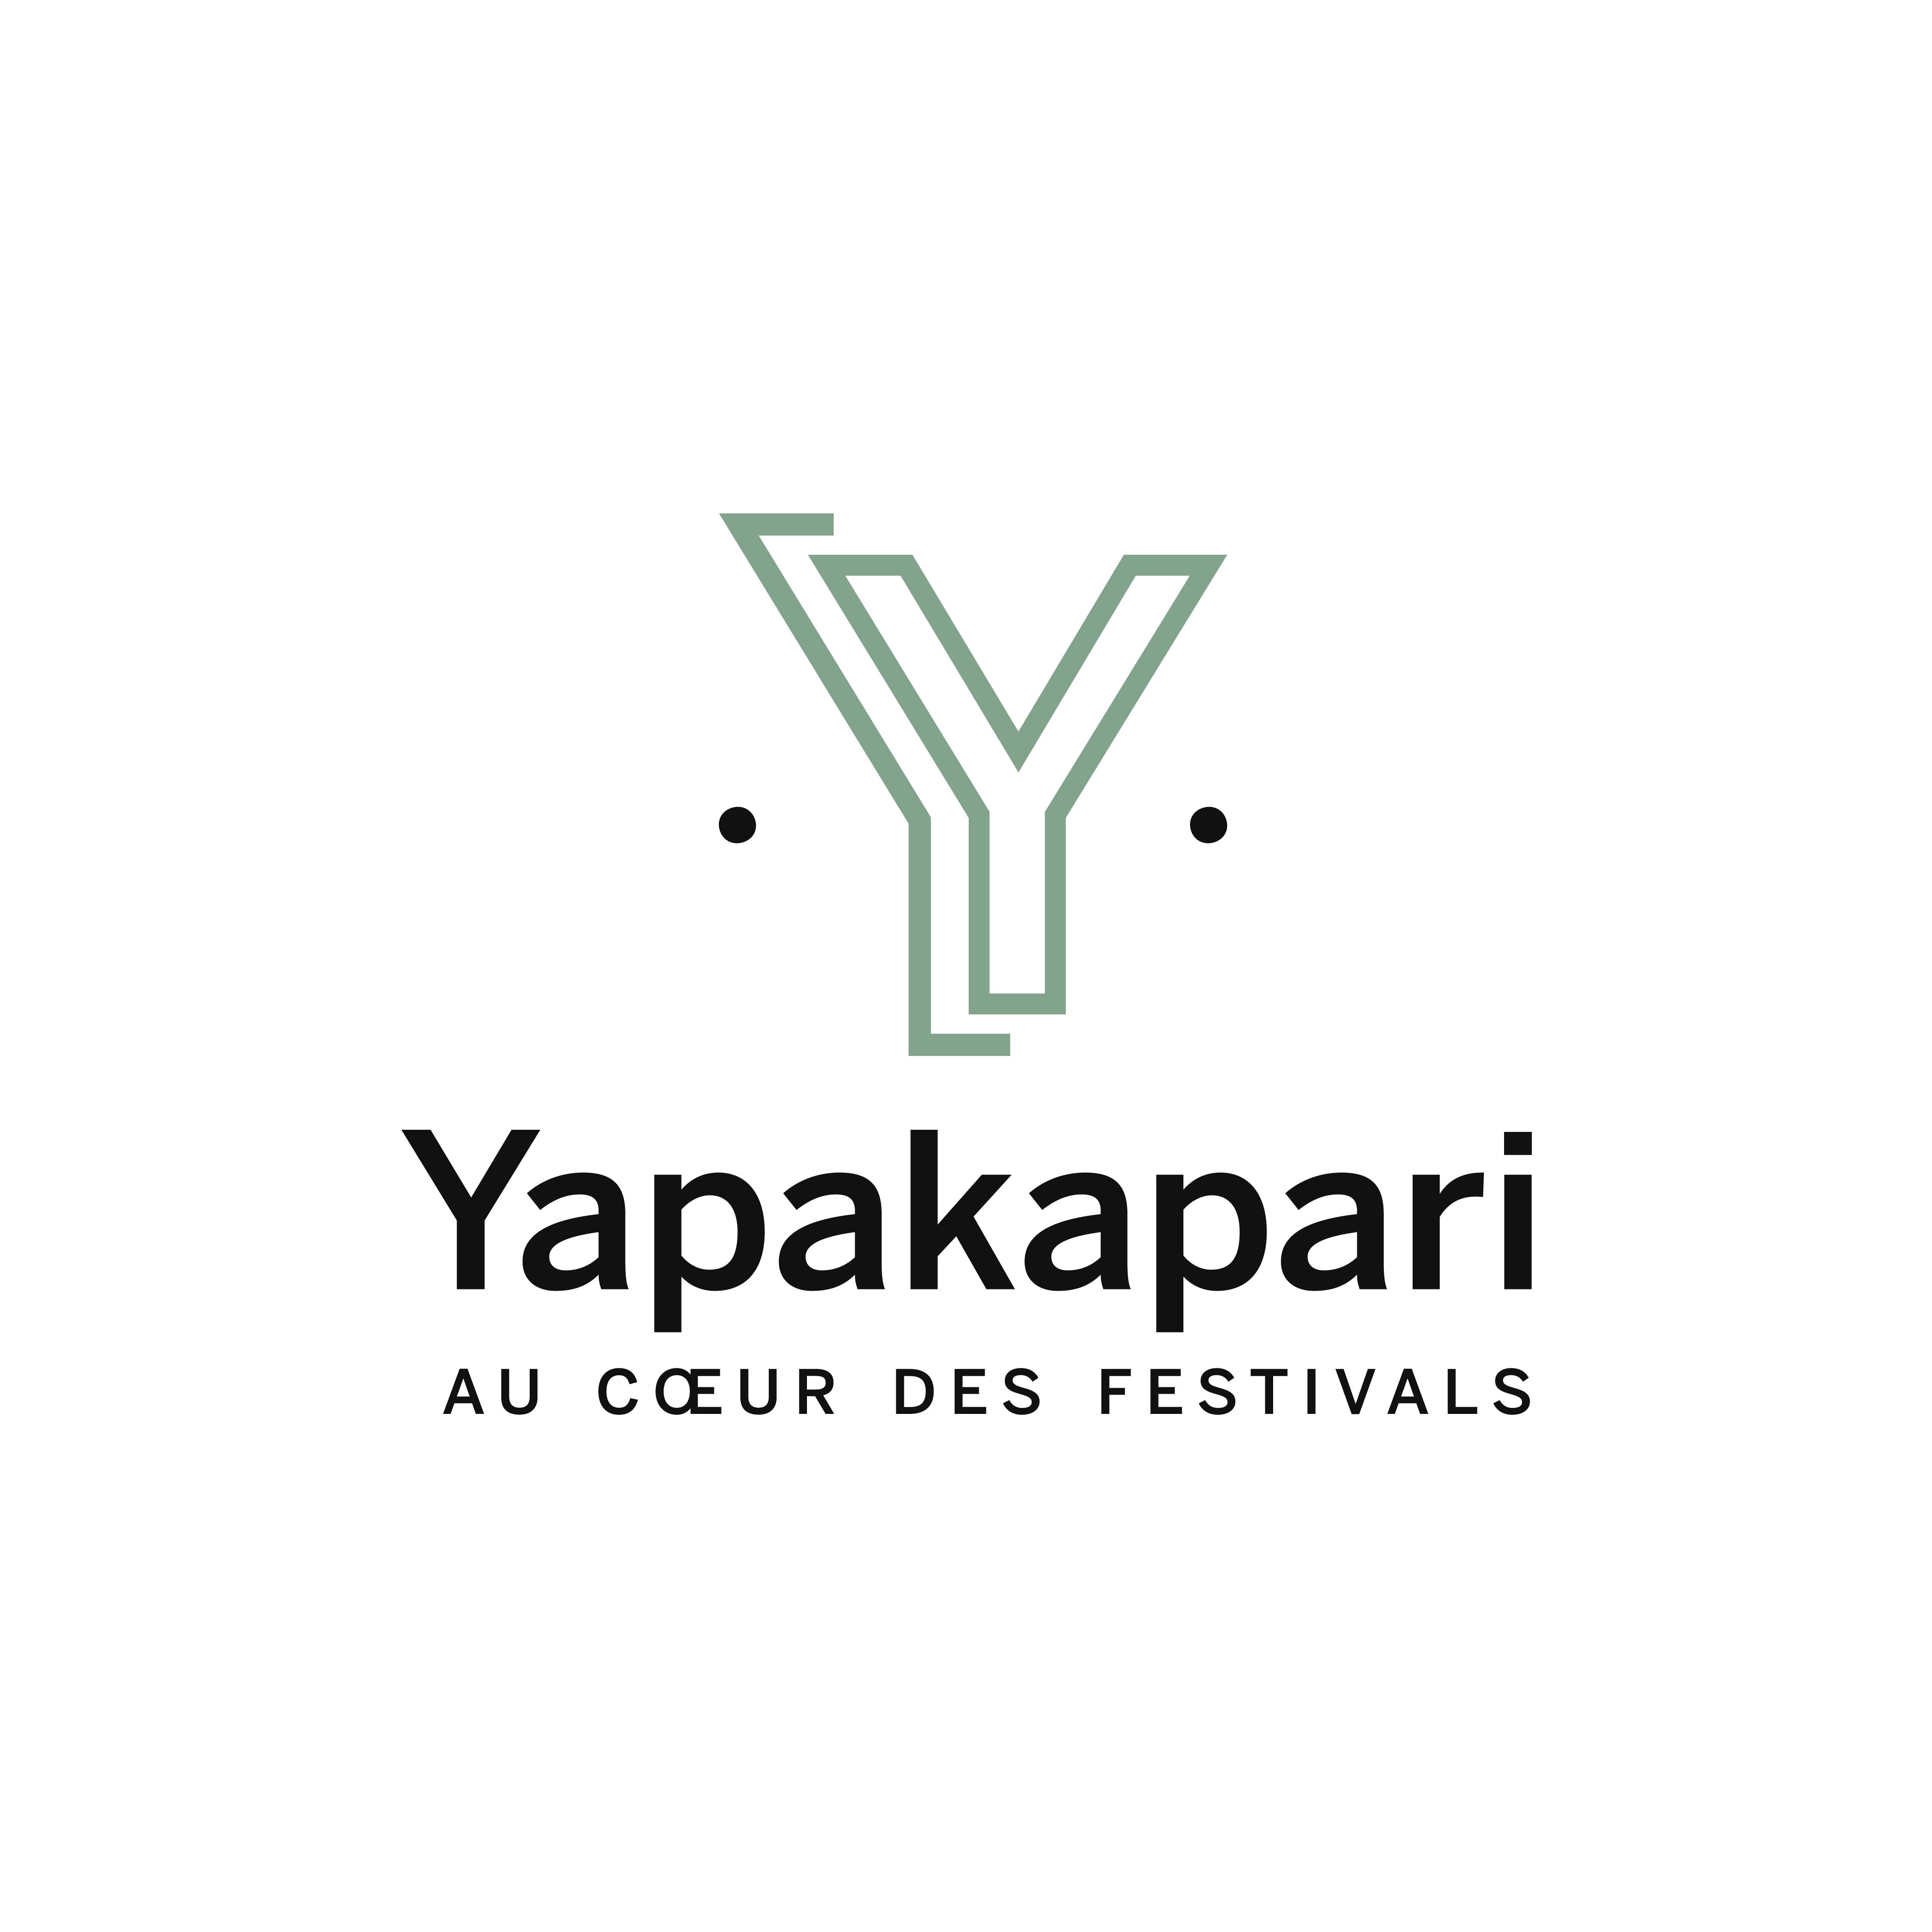 Création ECS Paris : Yapakapari, la newsletter au cœur des festivals